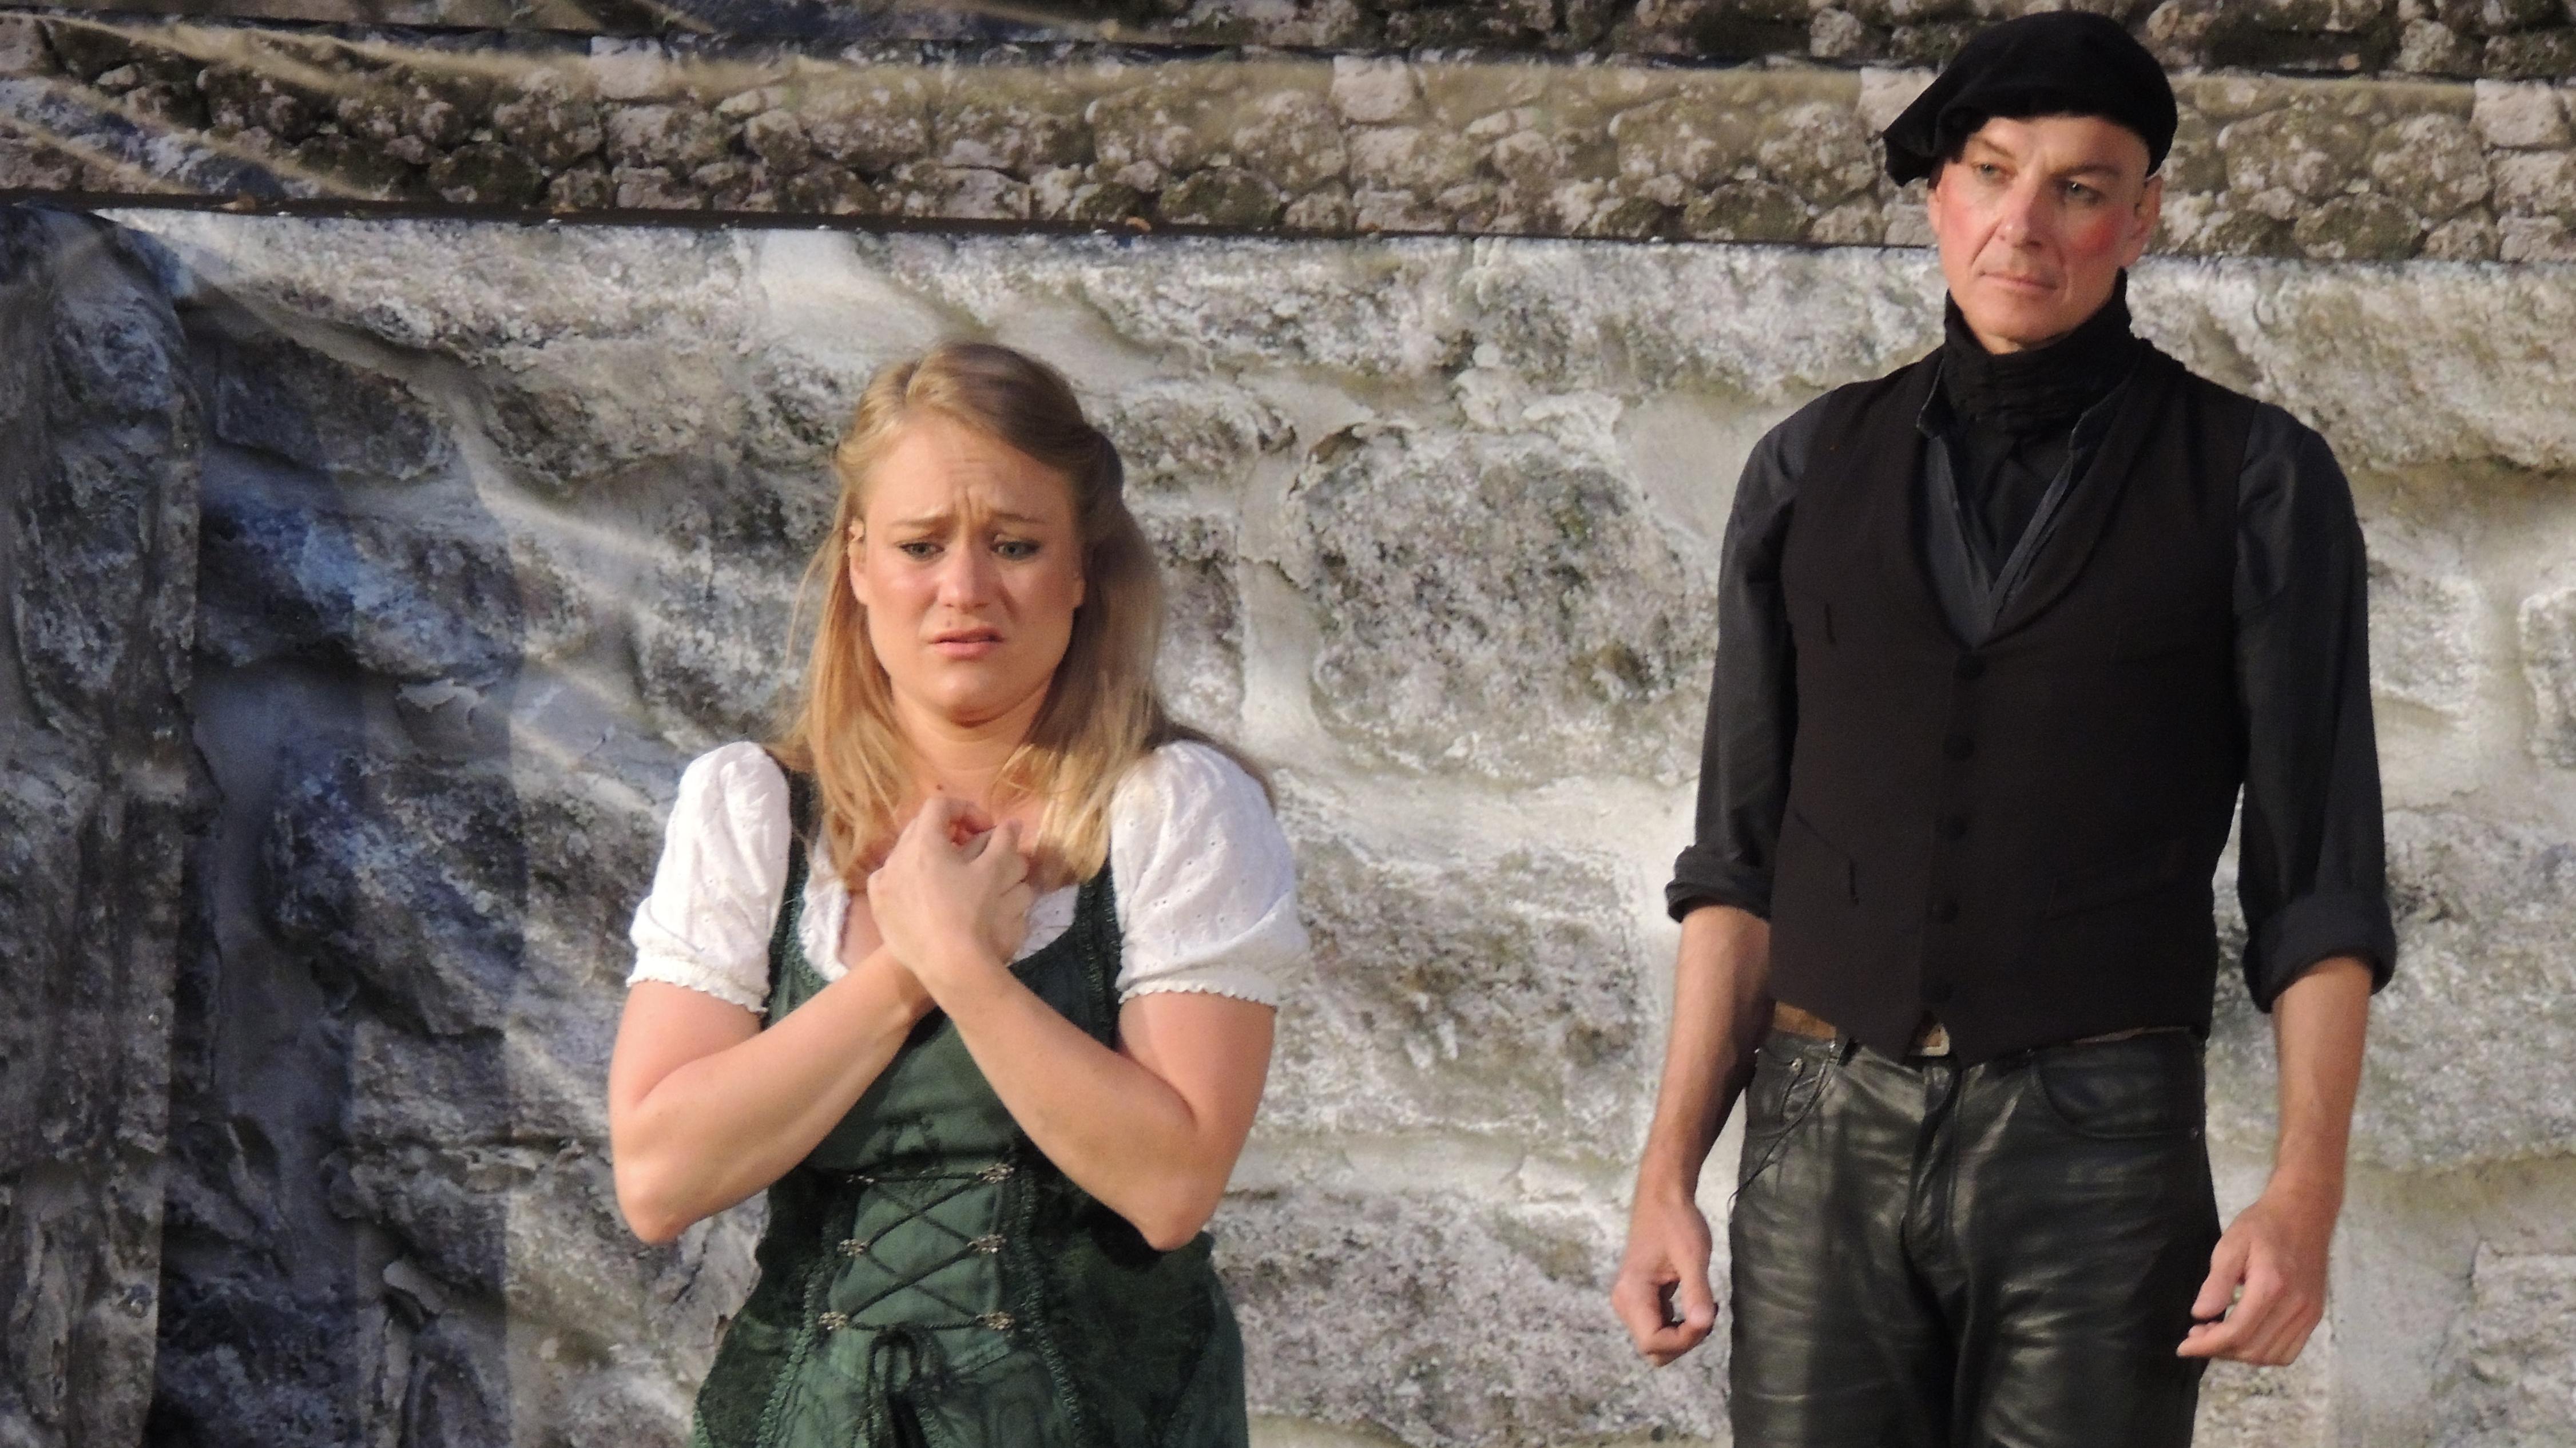 Szene der Faust-Festspiele: Eine blonde Frau hat die Hände vor der Brust gekreuzt, im Hintergrund steht ein Mann.